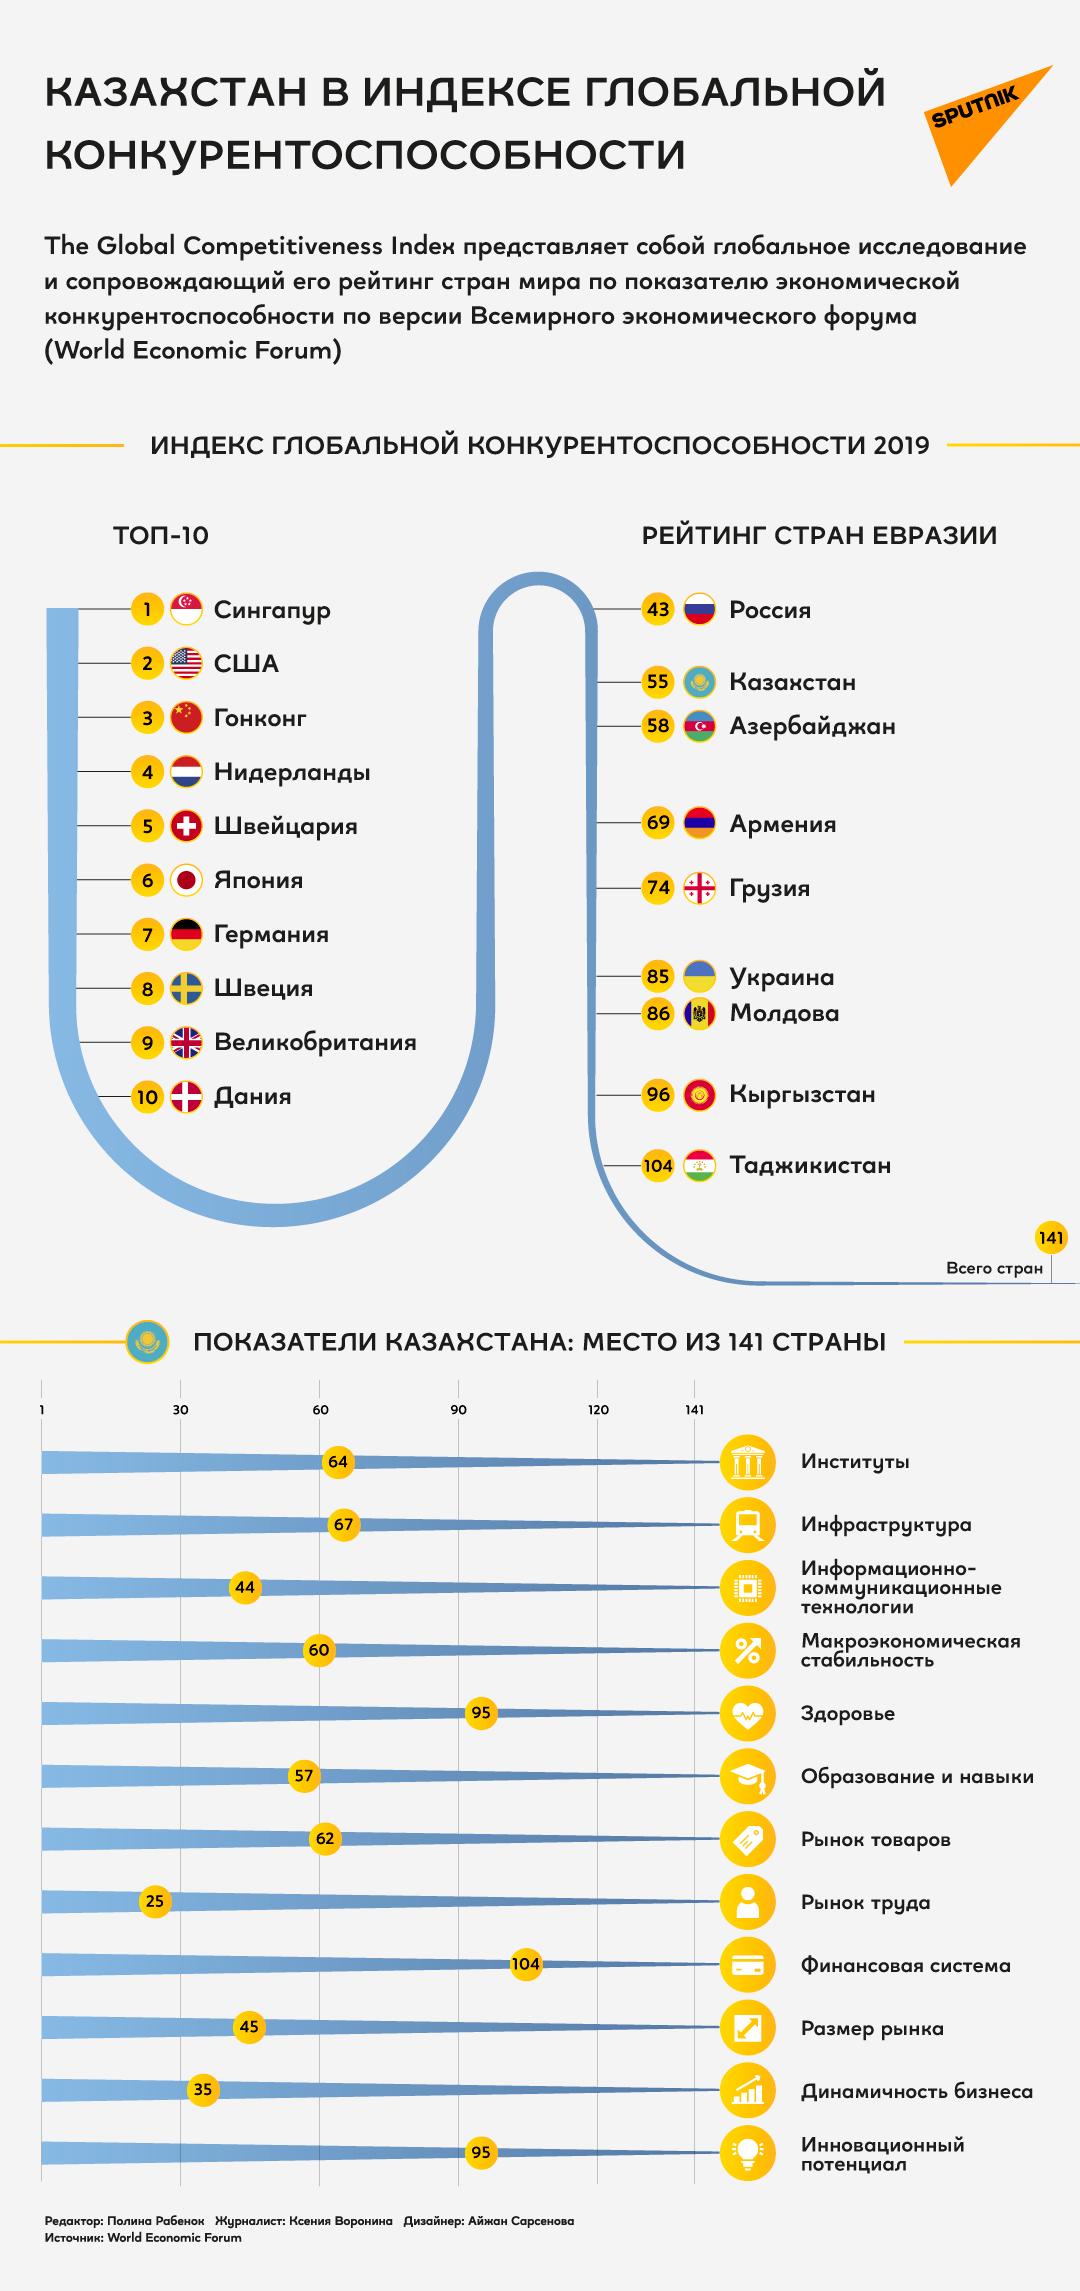 Казахстан в индексе глобальной конкурентоспособности